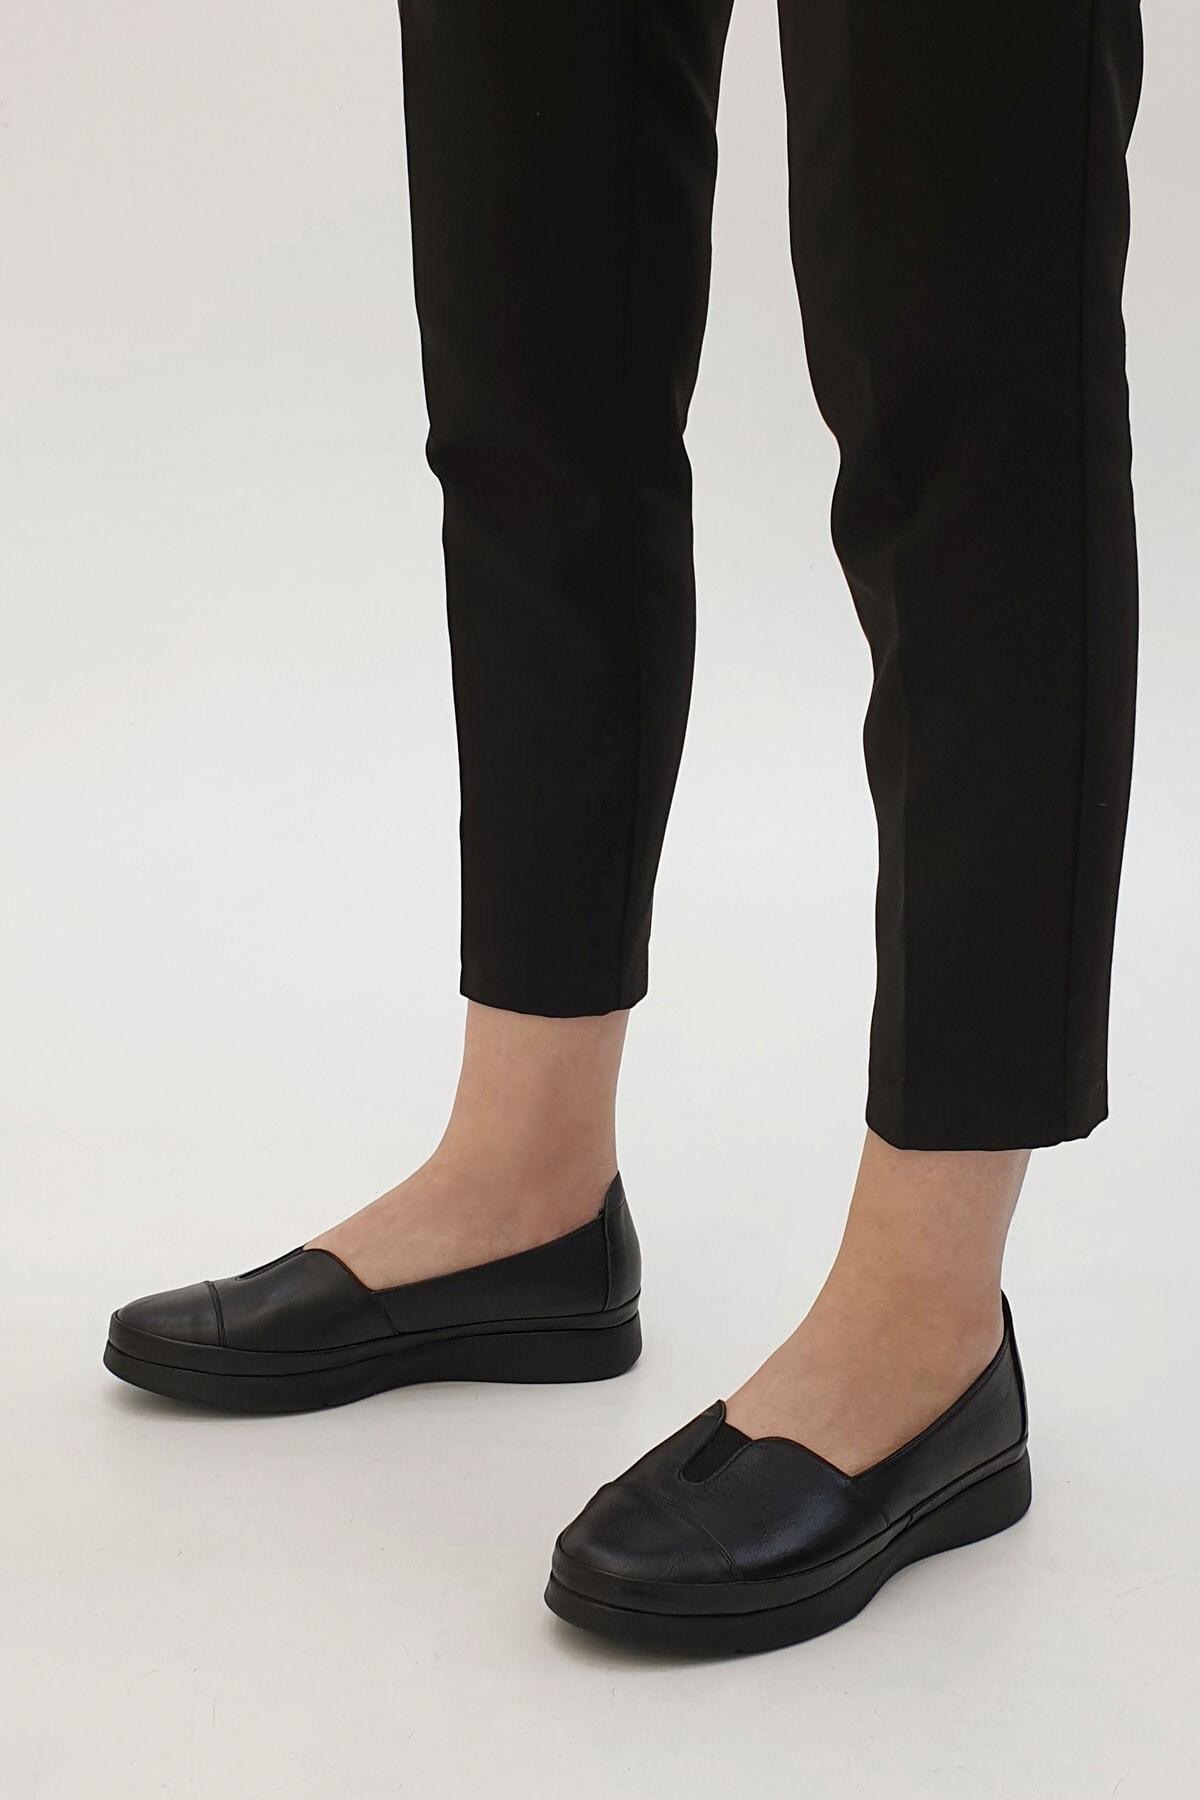 Marjin Meyza Kadın Hakiki Deri Comfort Ayakkabısiyah